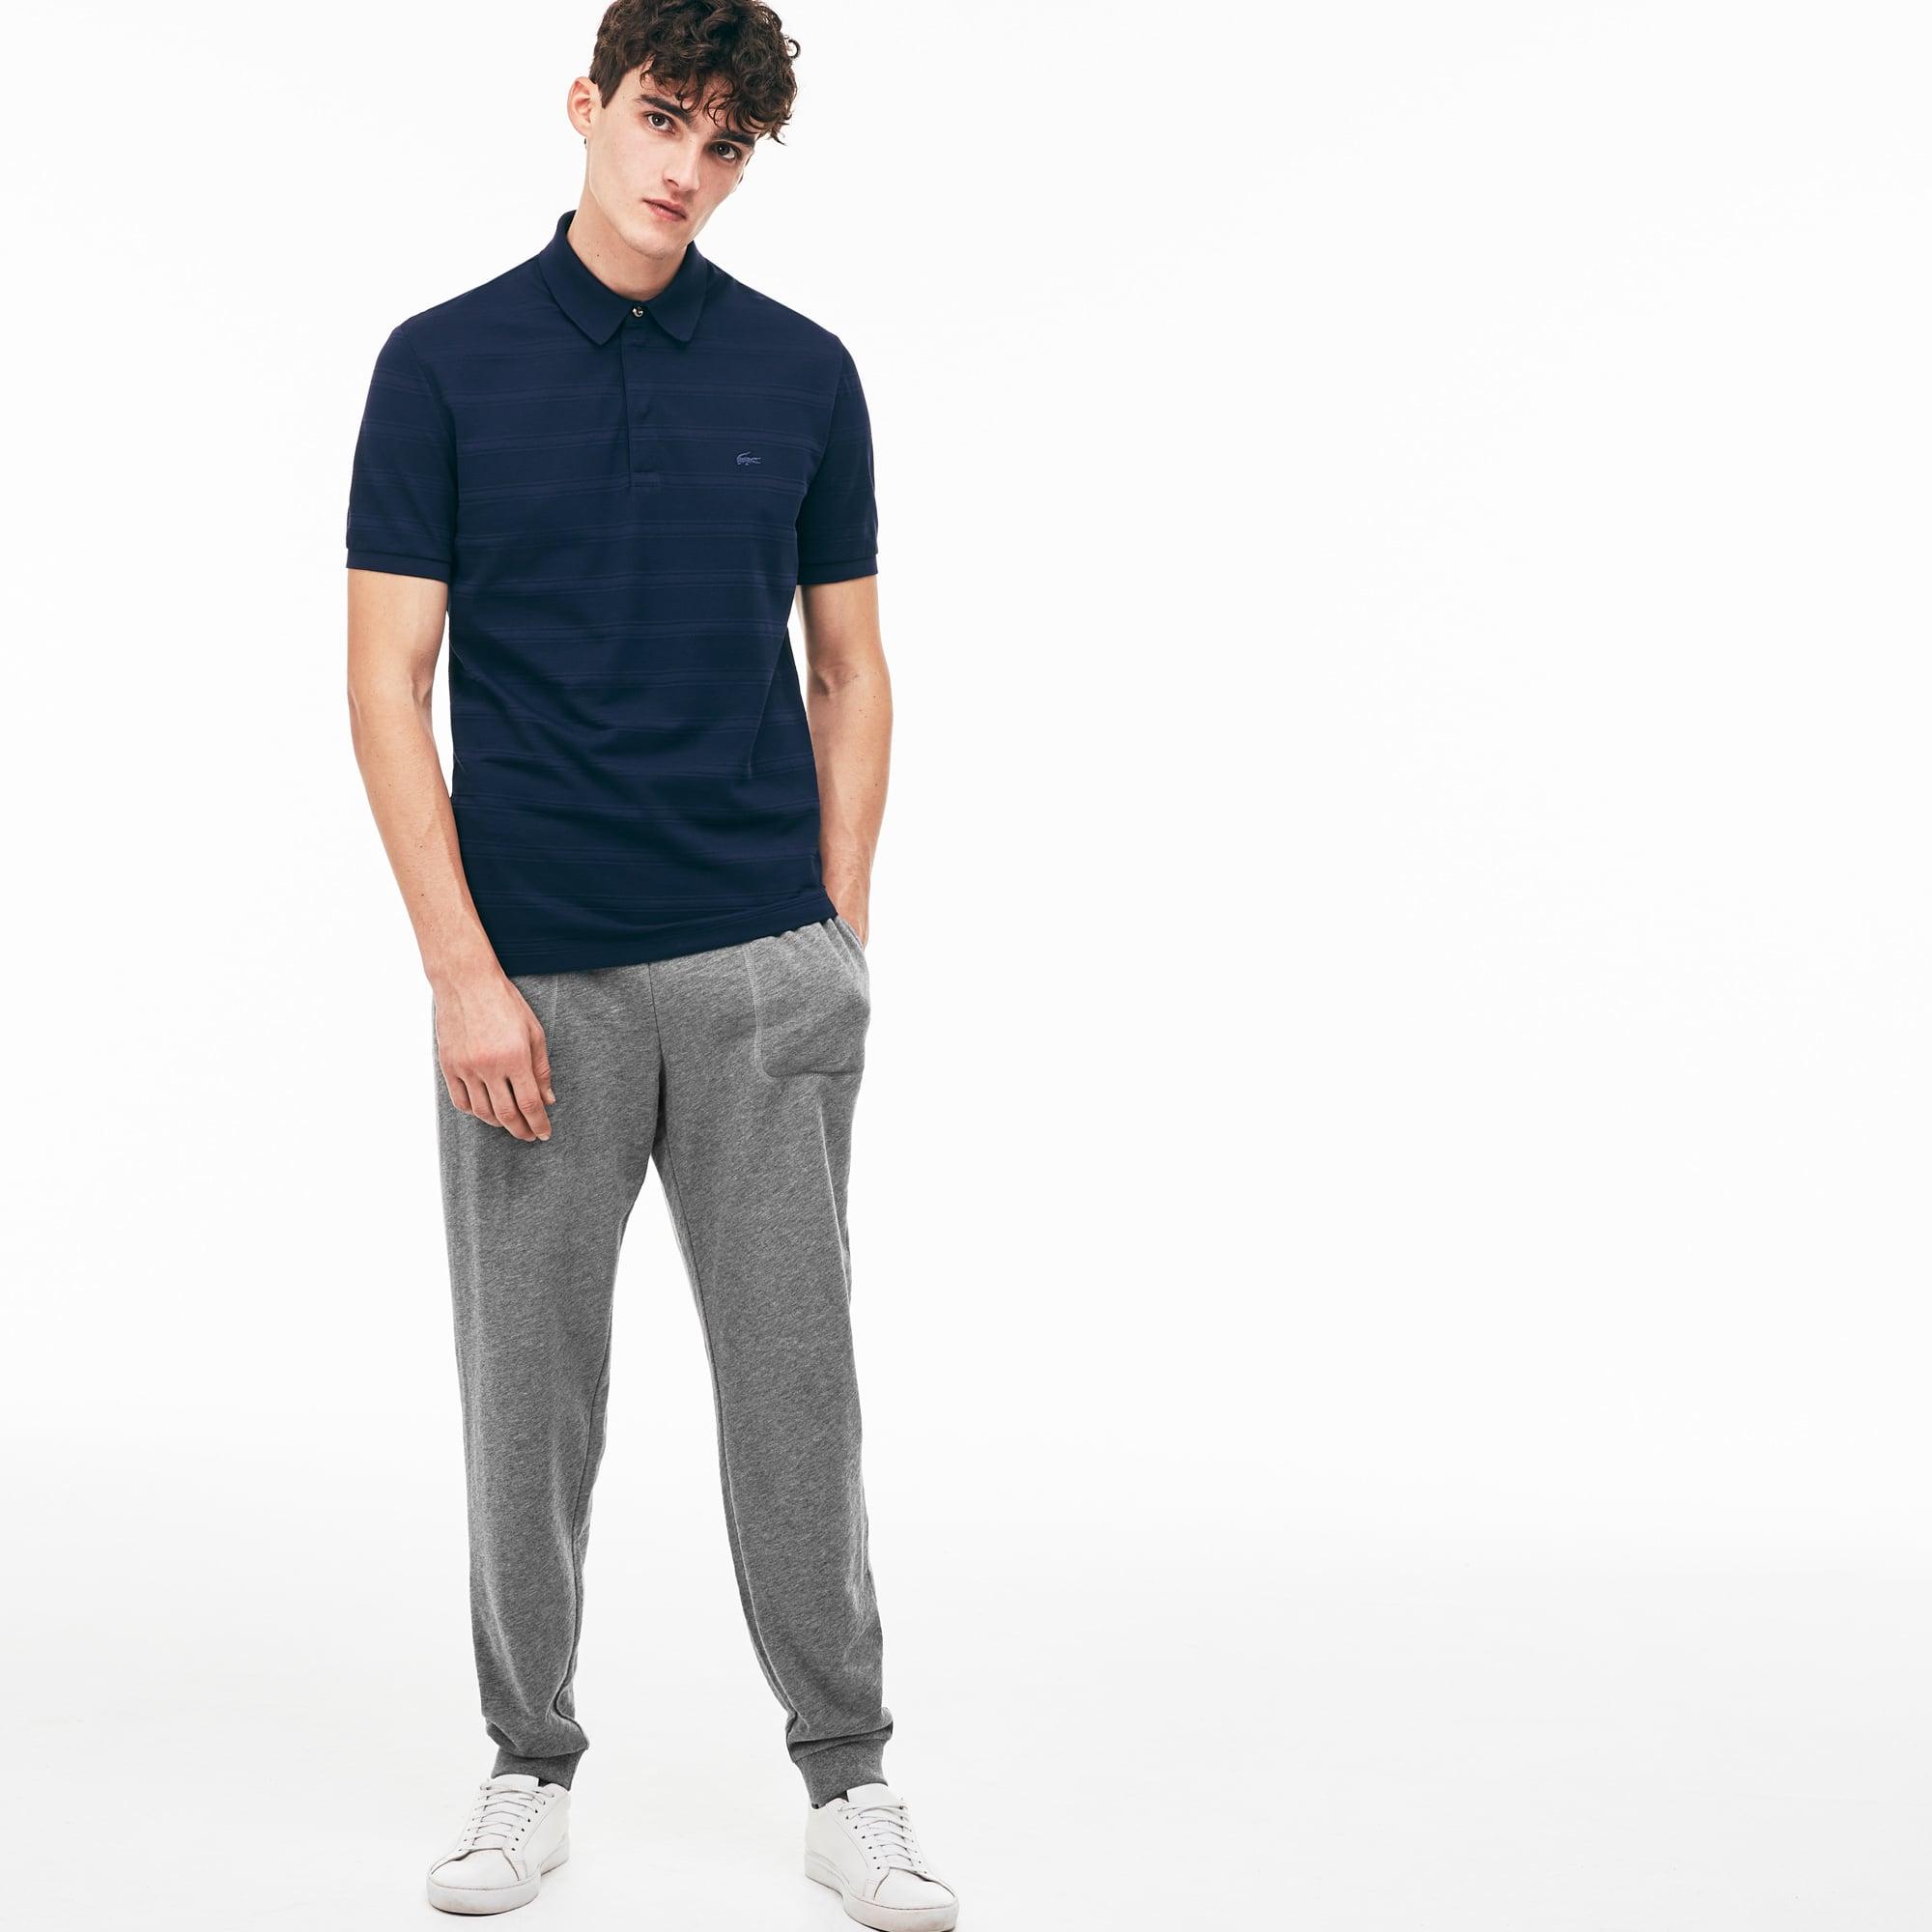 Men's Lacoste MOTION Cotton Fleece Urban Jogging Pants